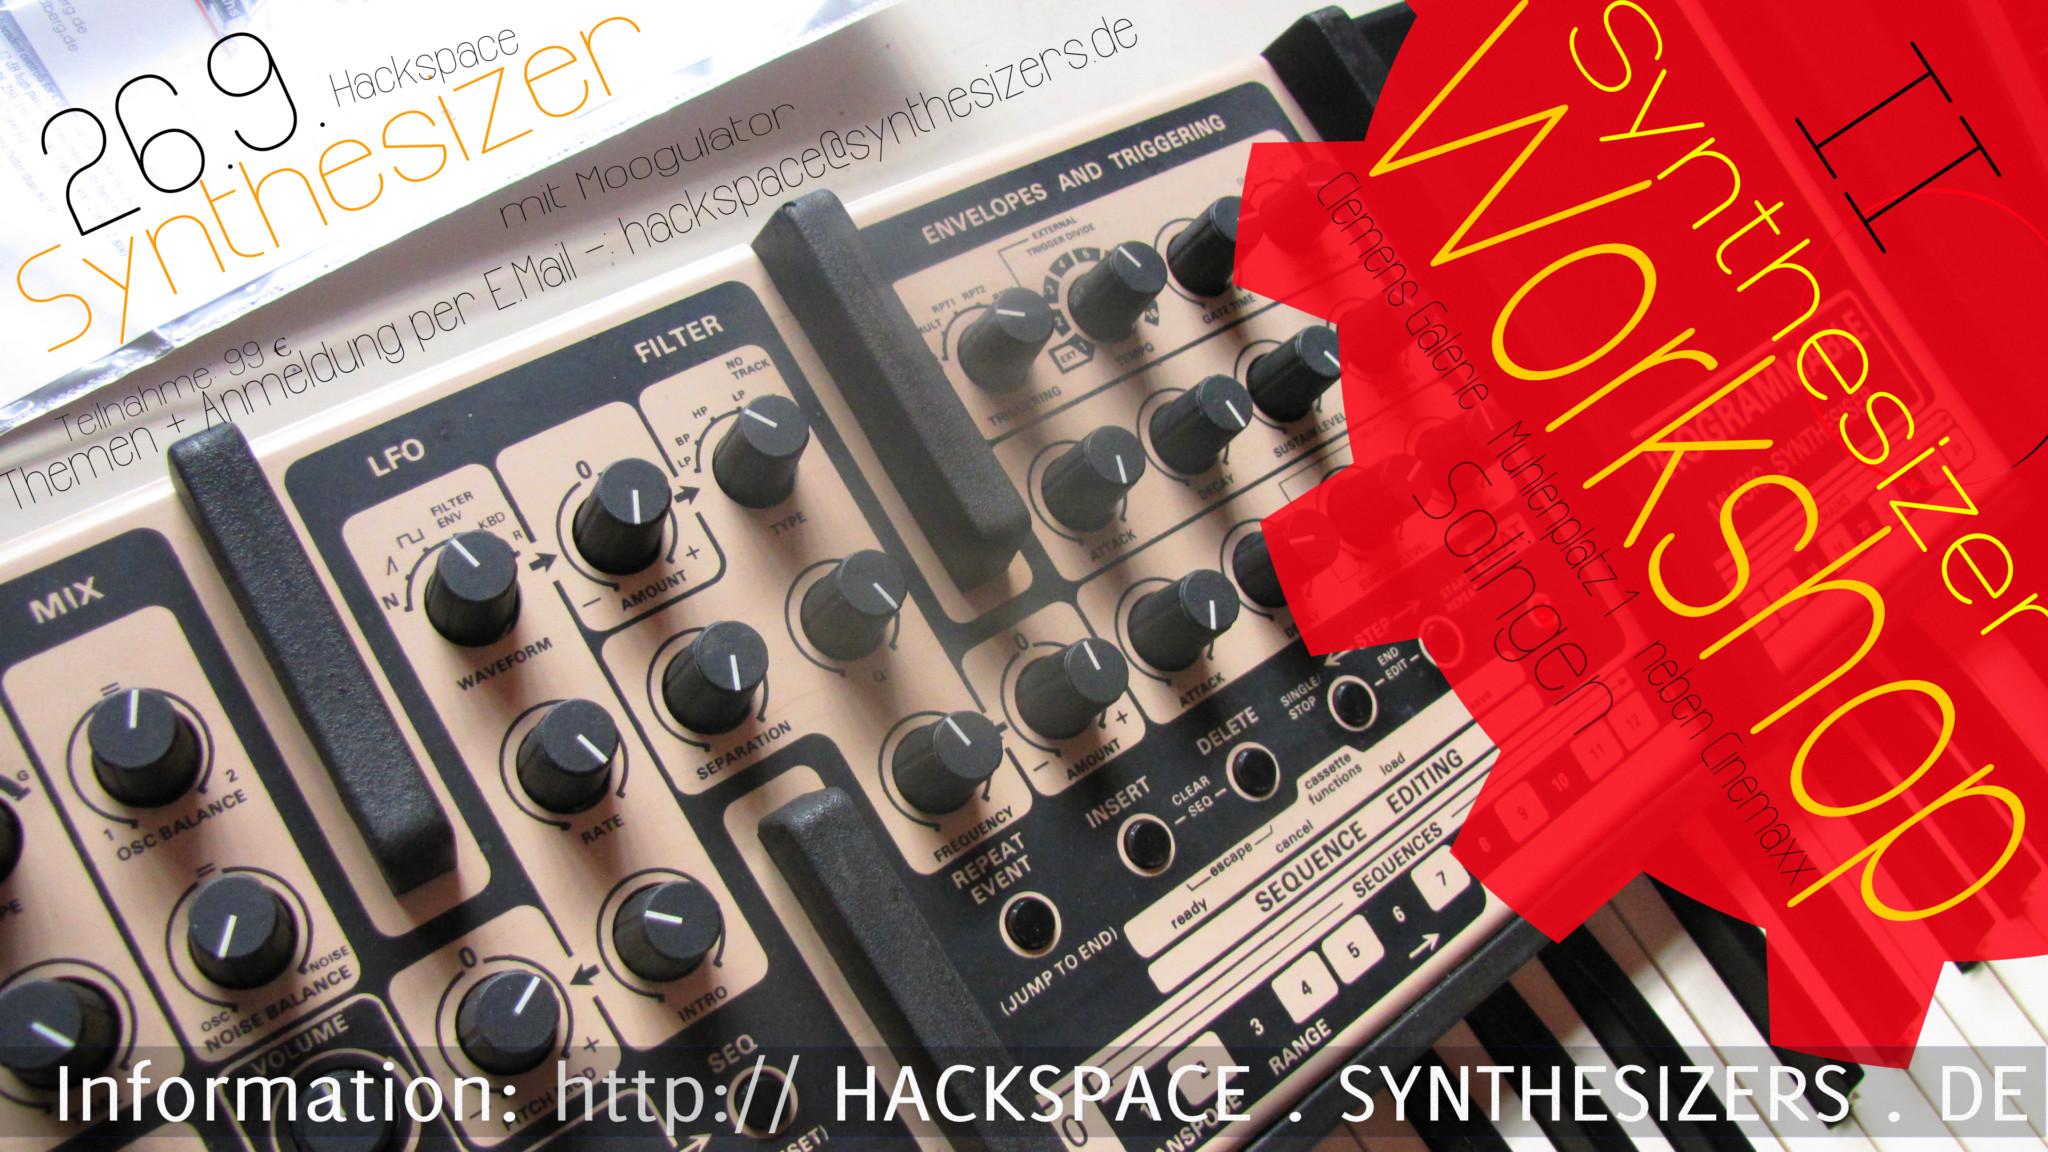 Synthesizer Workshop 26.9. Solingen - Hackspace II